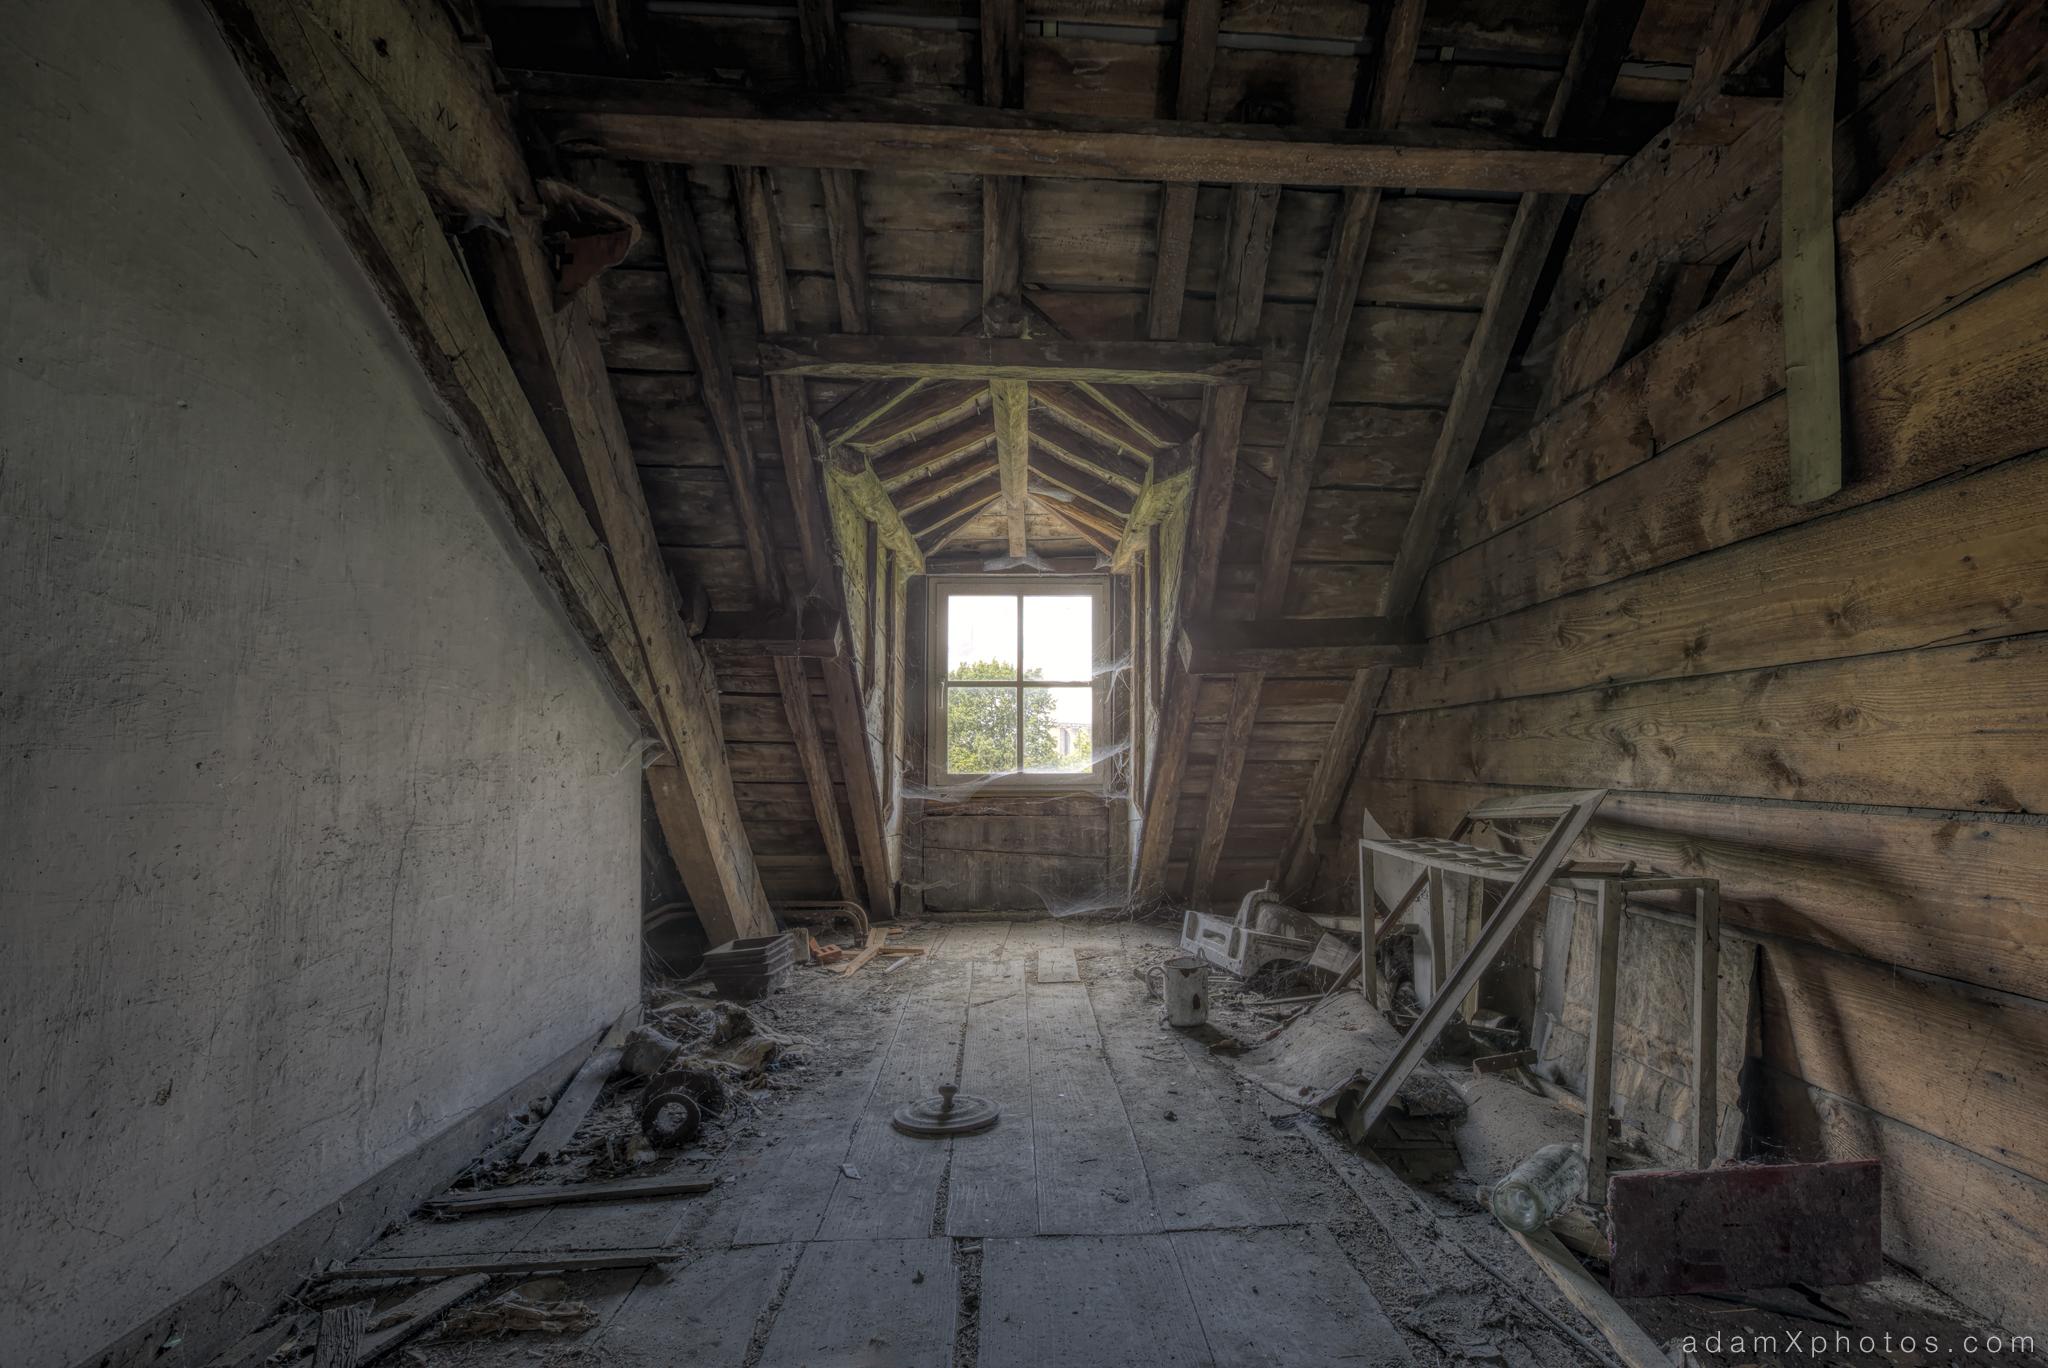 Explores 89 and 89a revisit Chateau de la Chapelle Belgium  August and September 2014